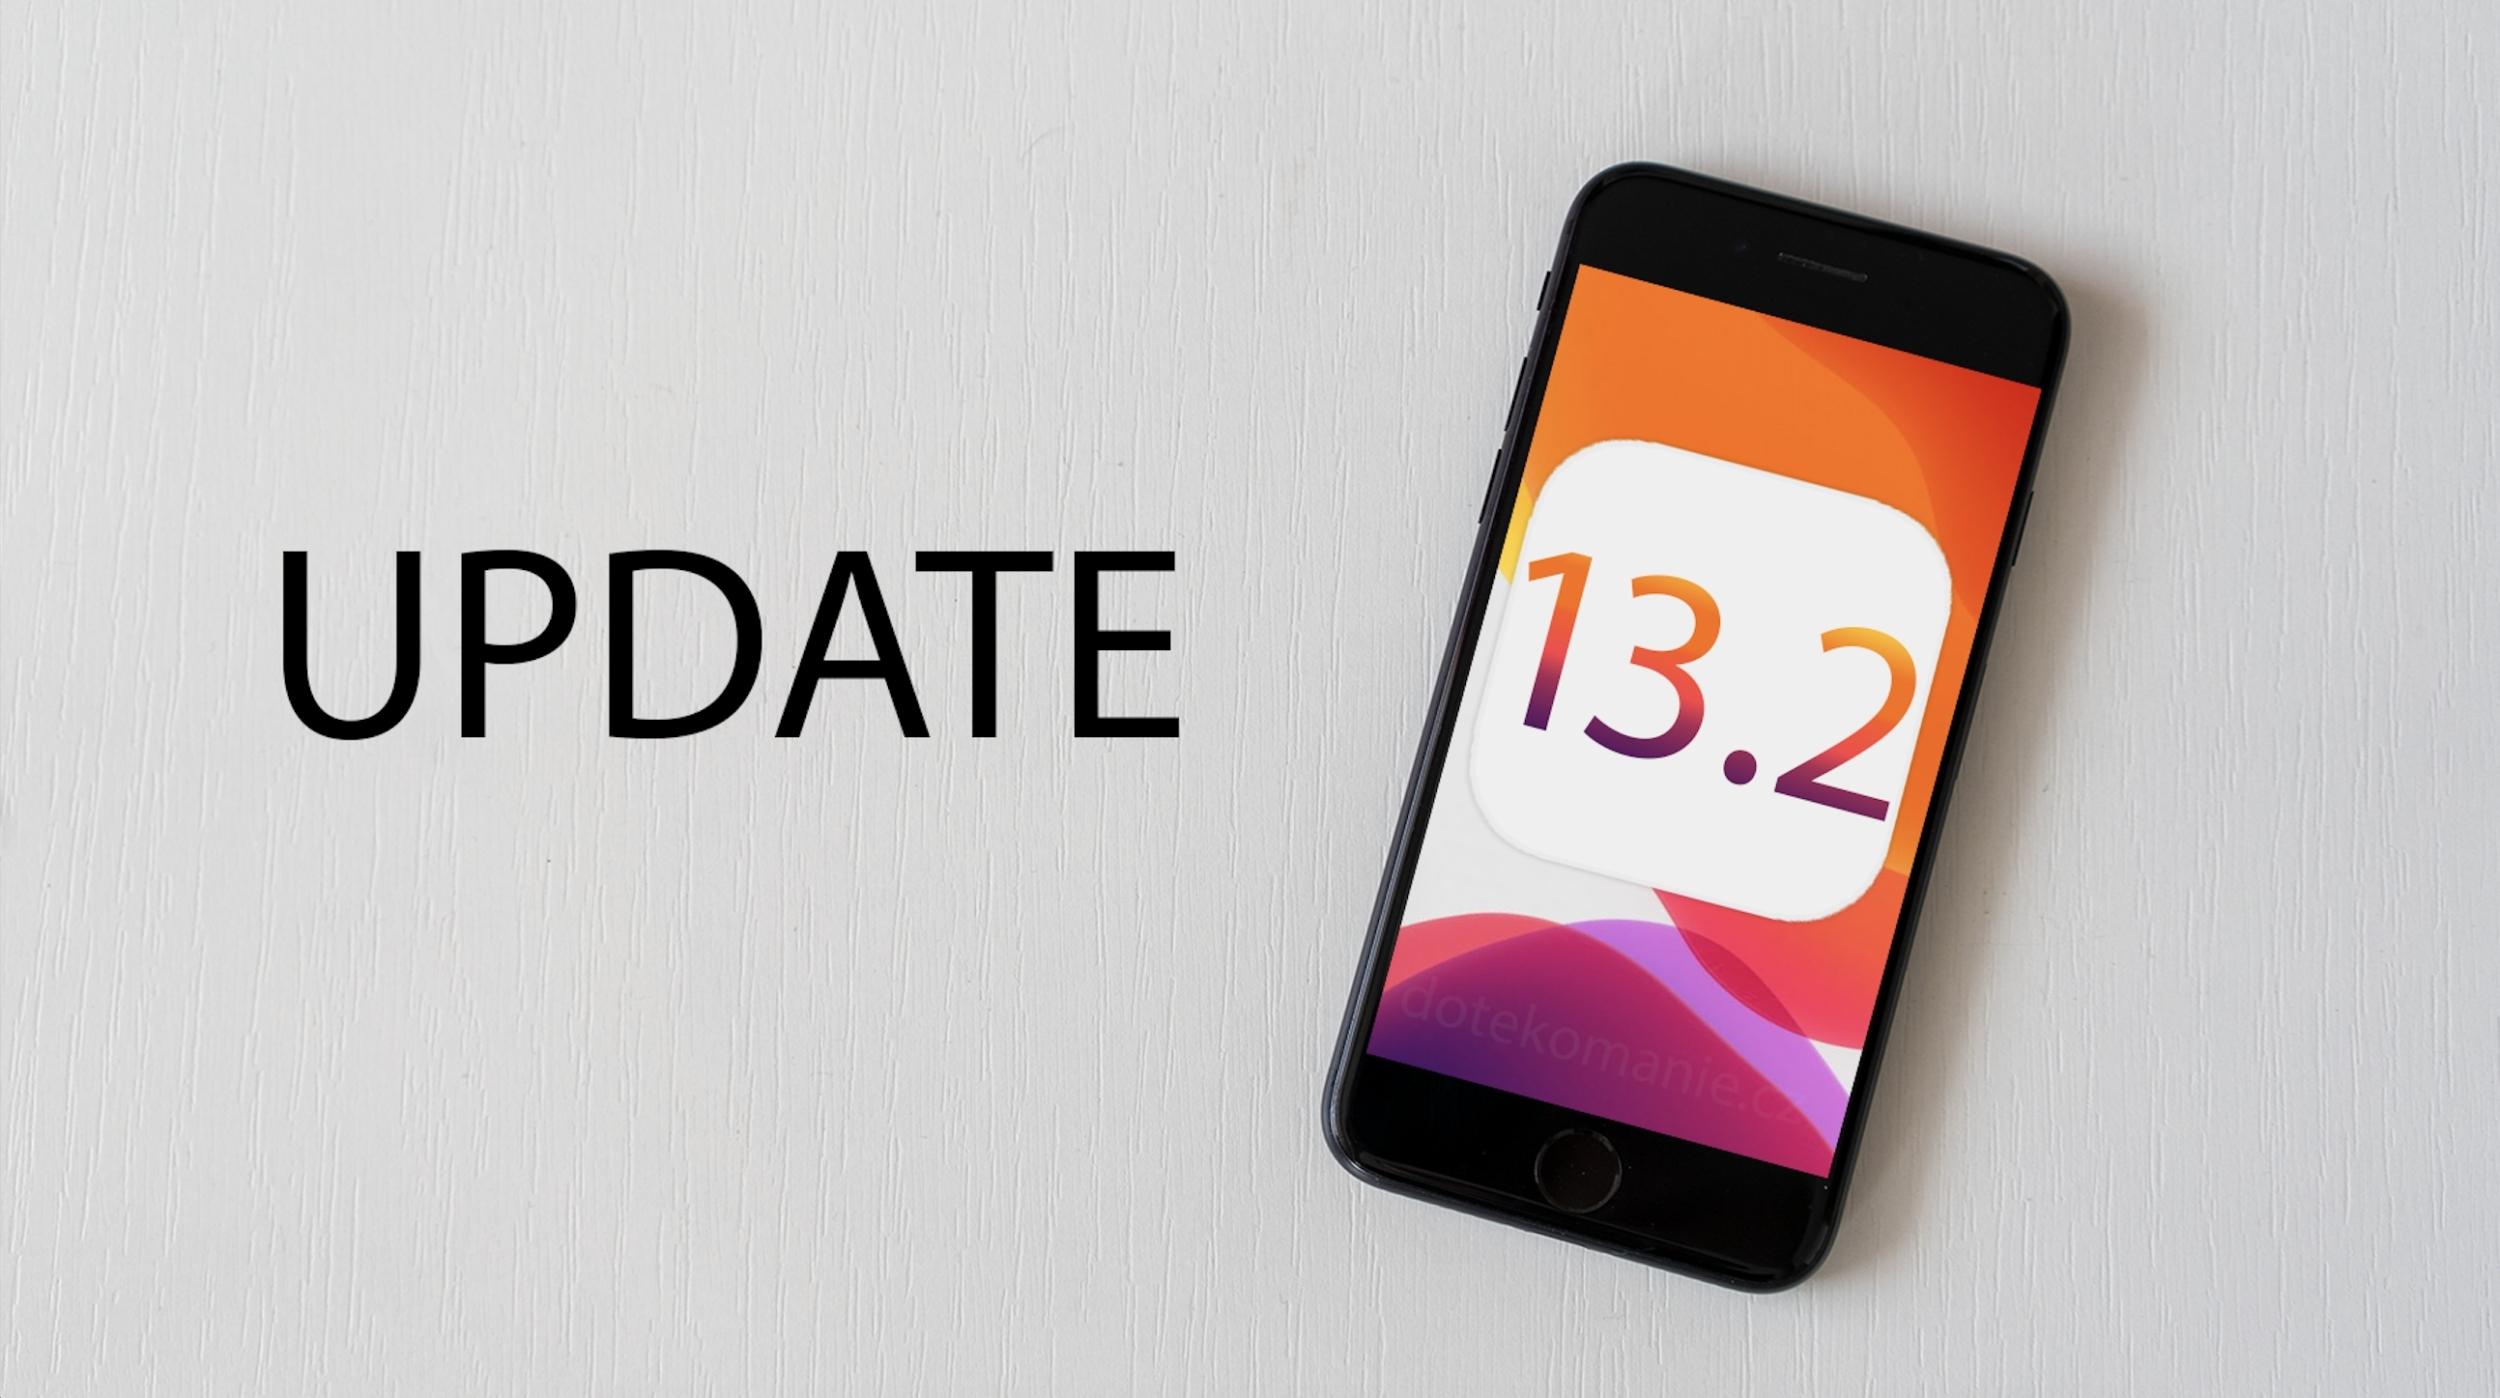 Vychází iOS 13.2, přináší Deep Fusion a další řadu novinek